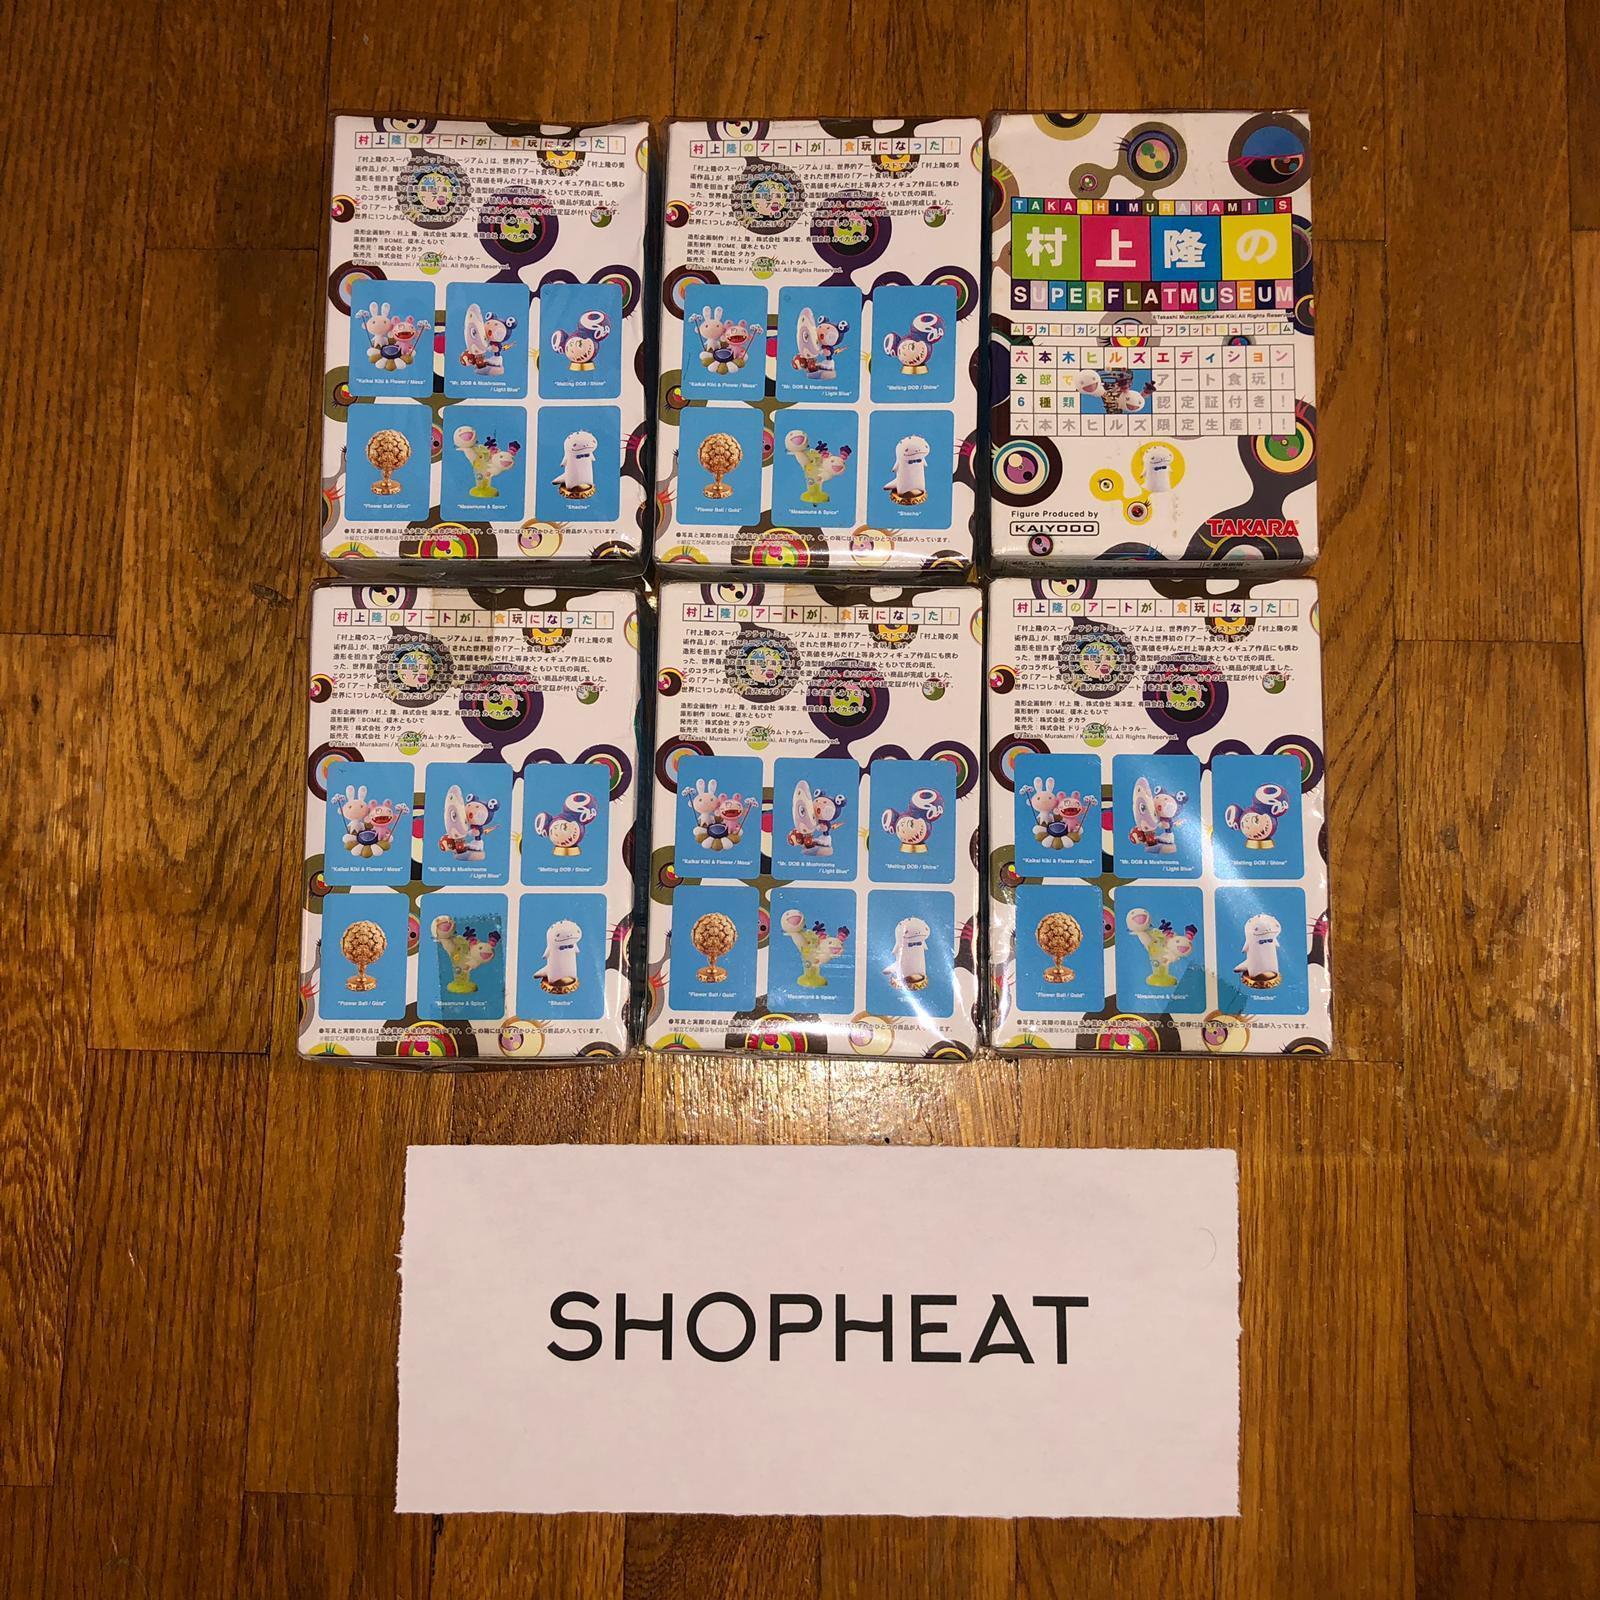 Takashi Murakami SUPERFLAT MUSEUM ROPPONGI HILLS Edition 2003 - Brand New